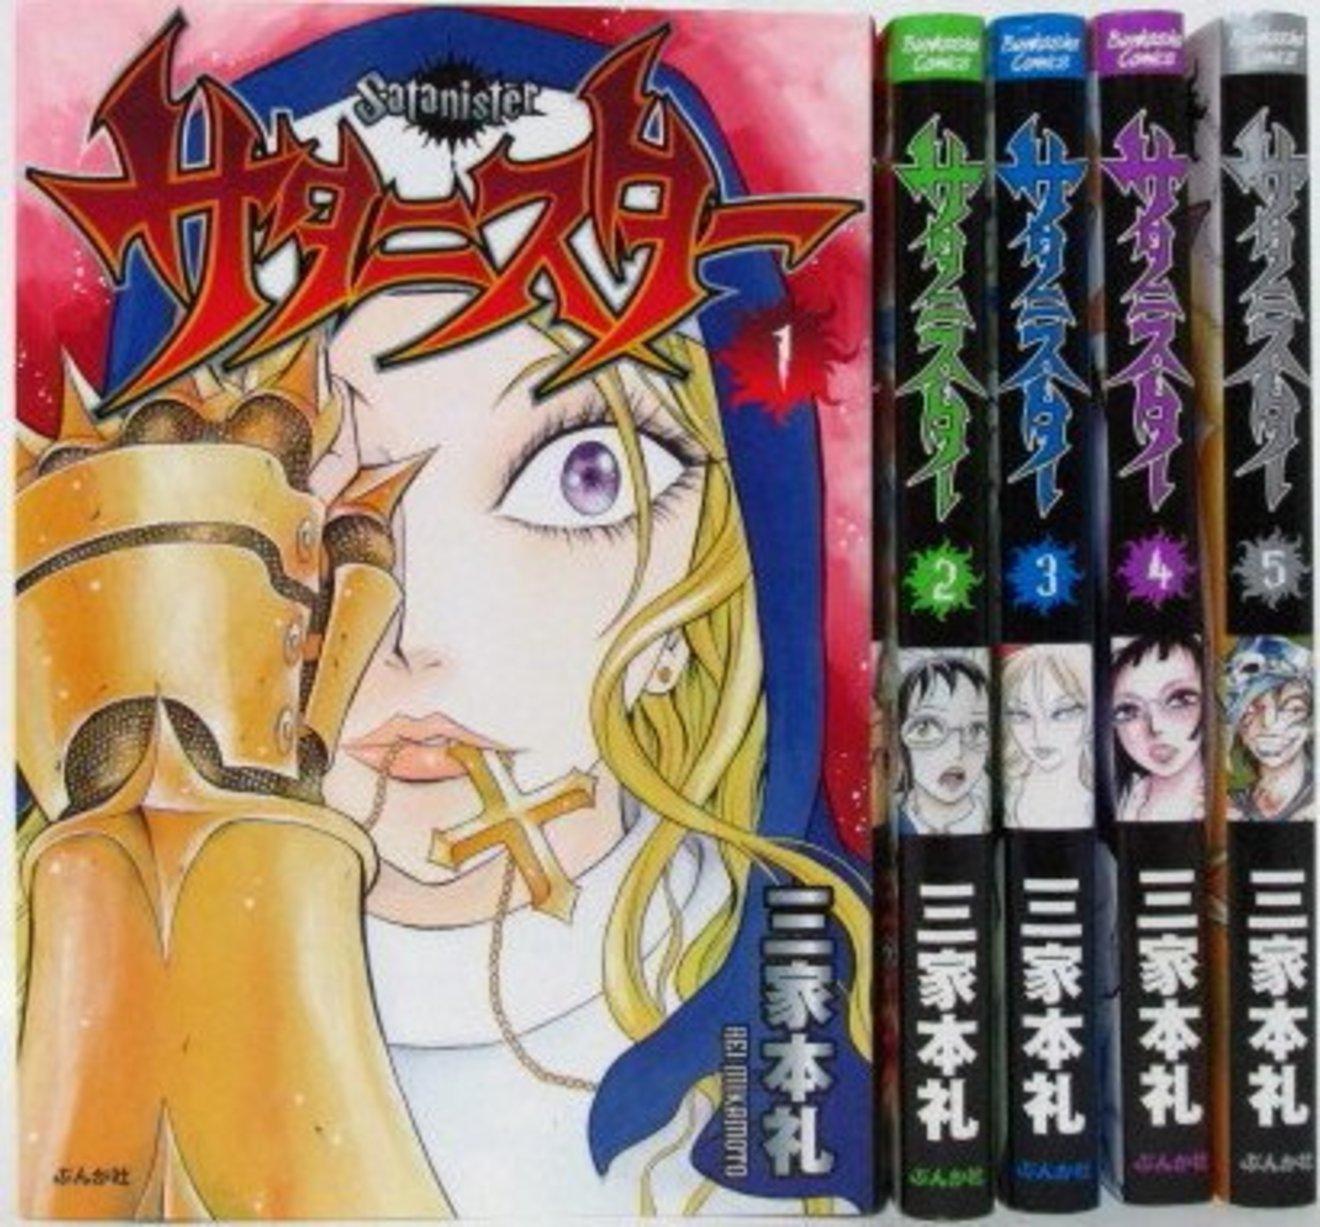 『サタニスター』が面白い!「ひどすぎ」ホラー漫画の魅力をネタバレ紹介!